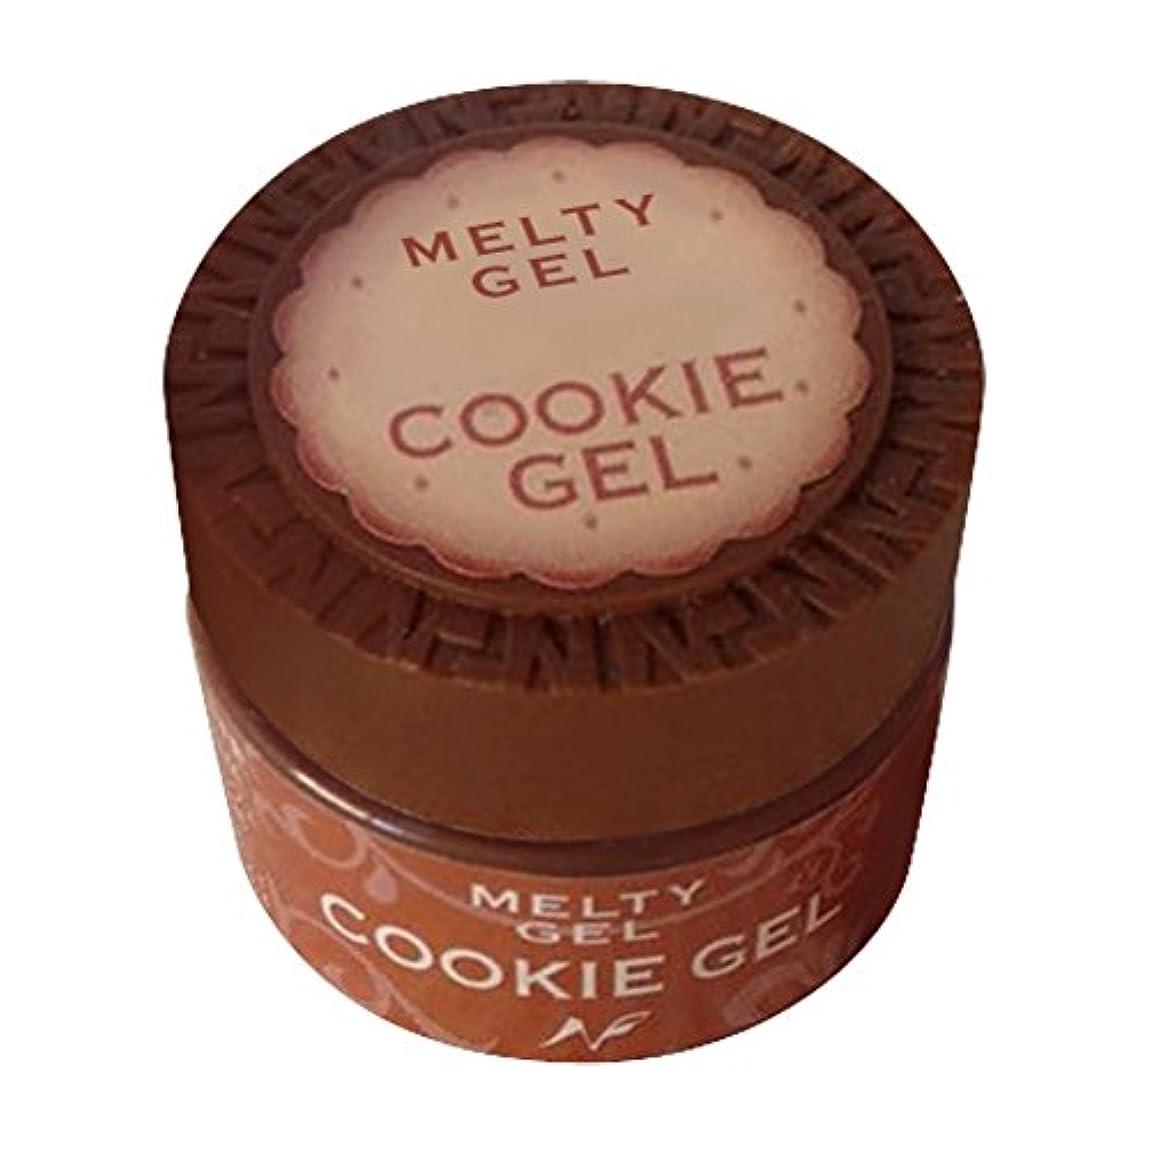 大胆成熟した説得Natural Field Melty Gel クッキージェル 3903サンセットレッド 5g